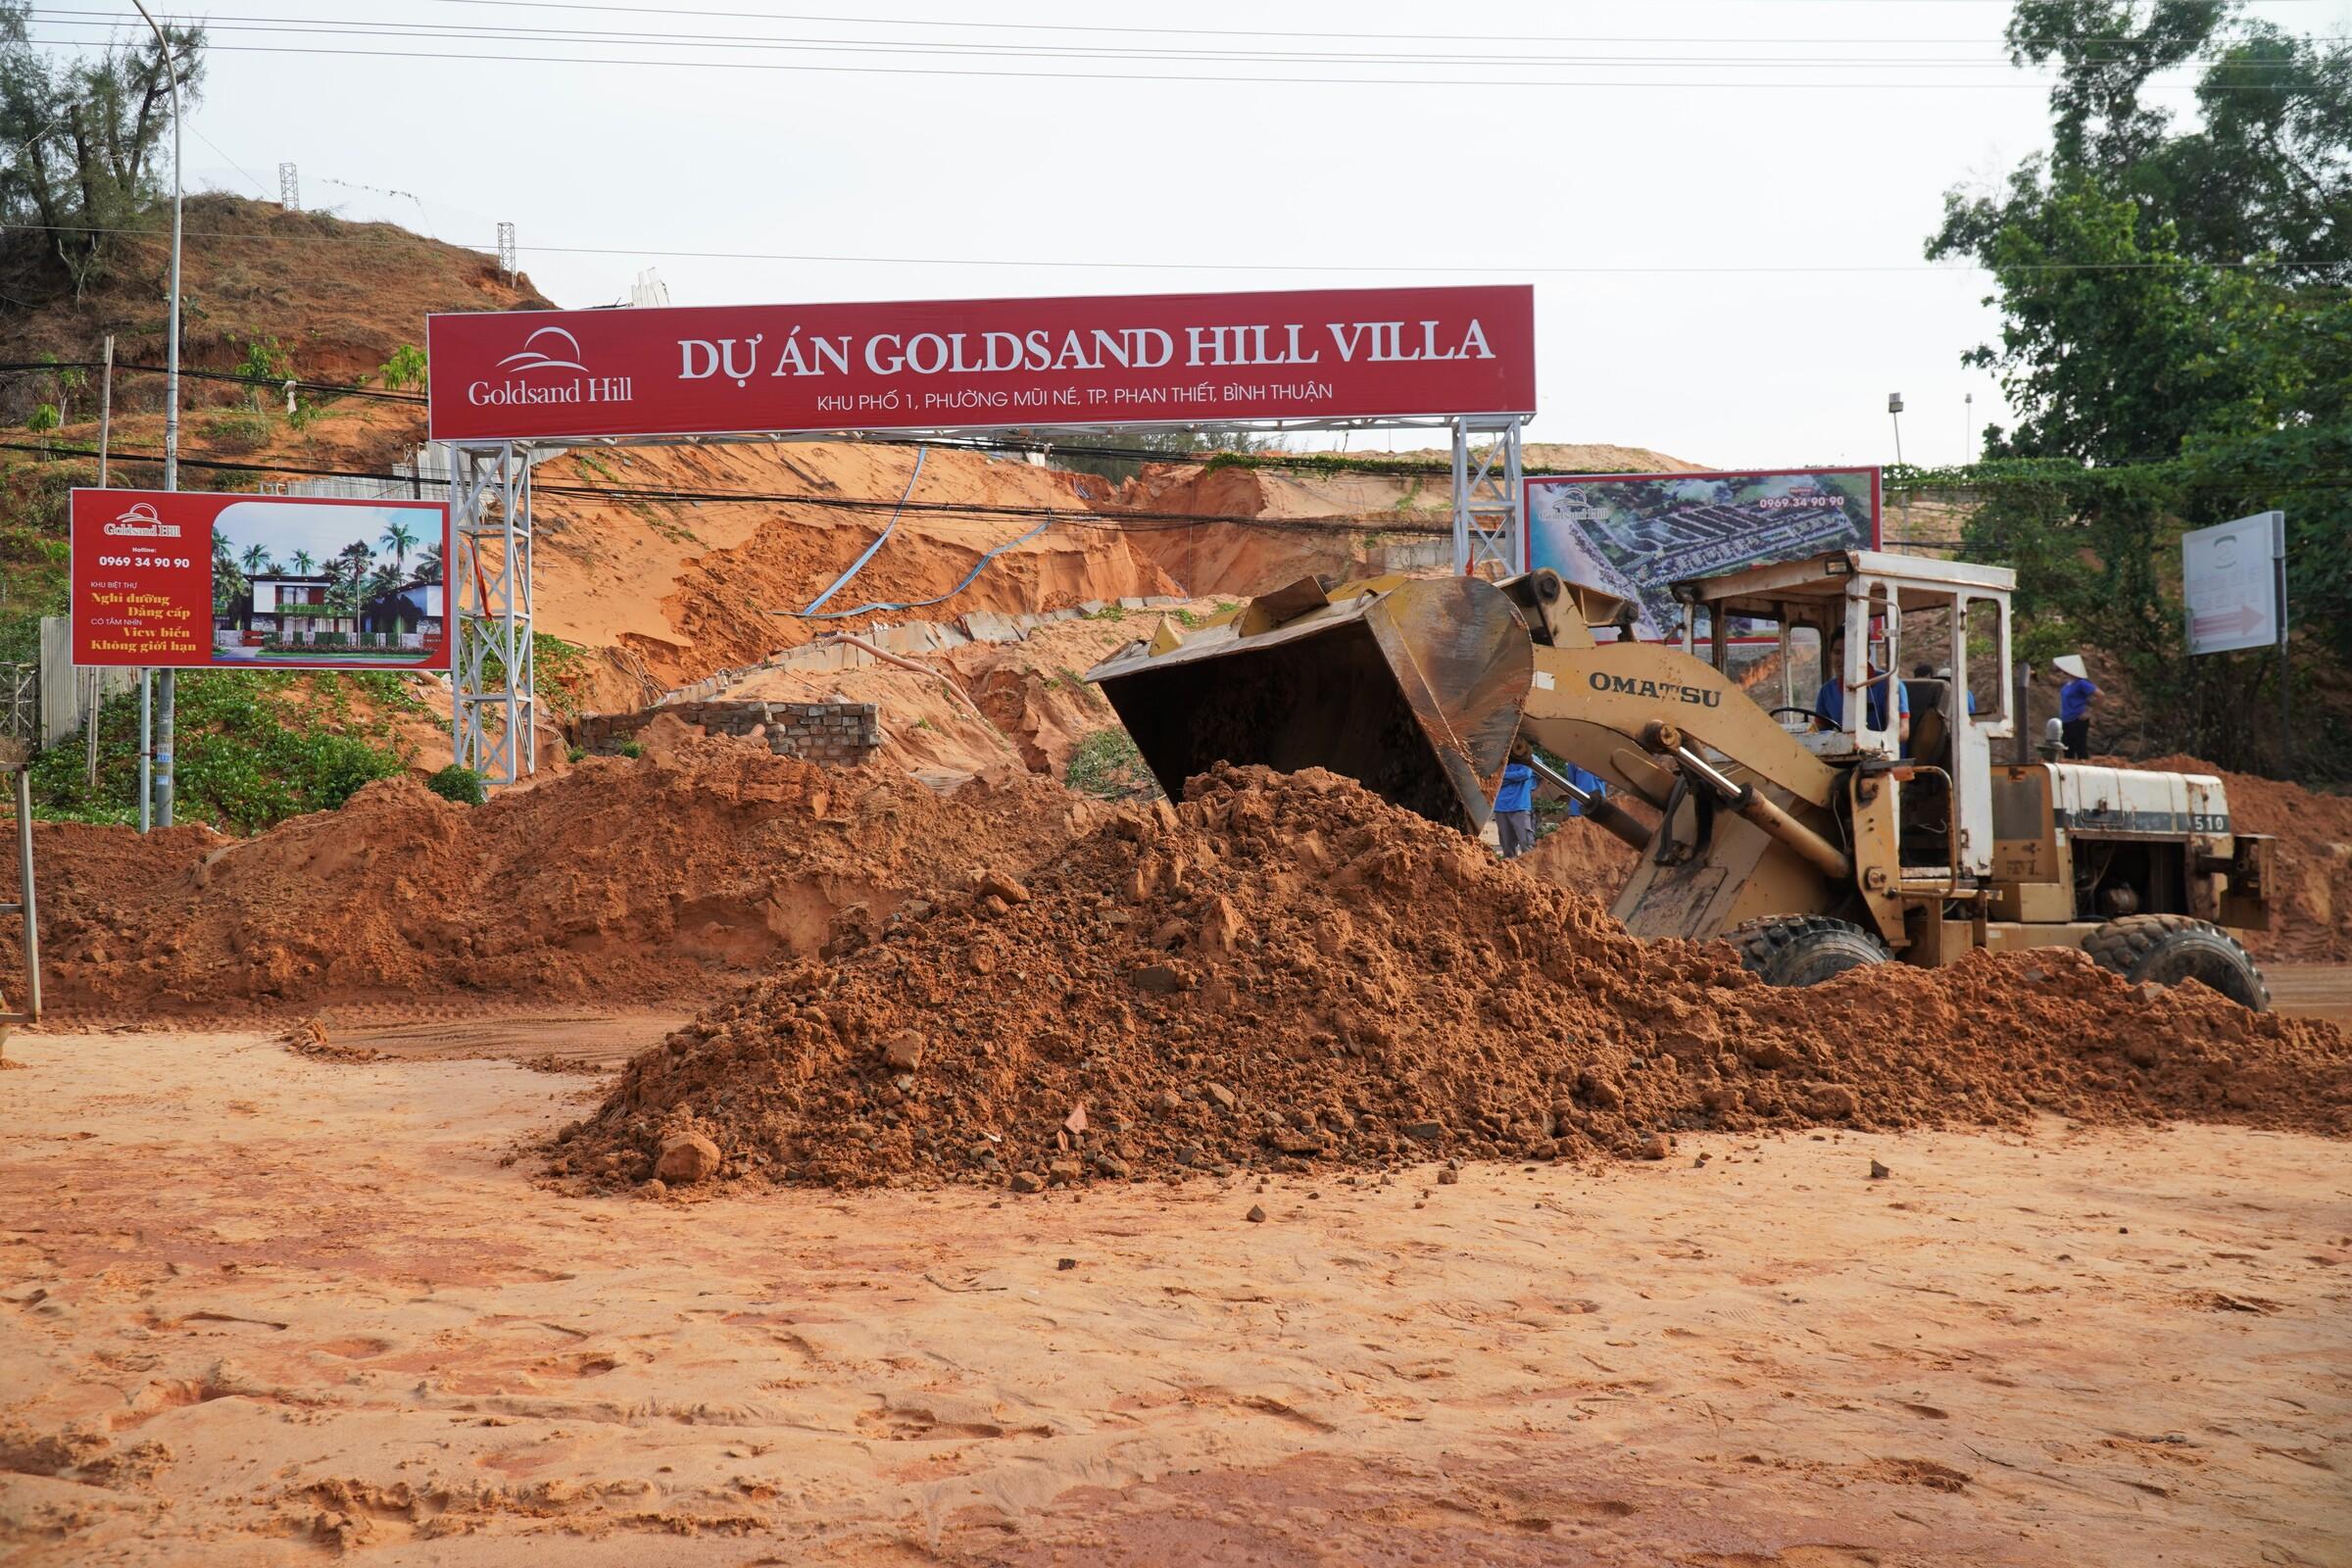 Xe xúc đang ủi cát, dọn dẹp lượng cát tràn xuống đường Huỳnh Thúc Kháng. Ảnh: Việt Quốc.